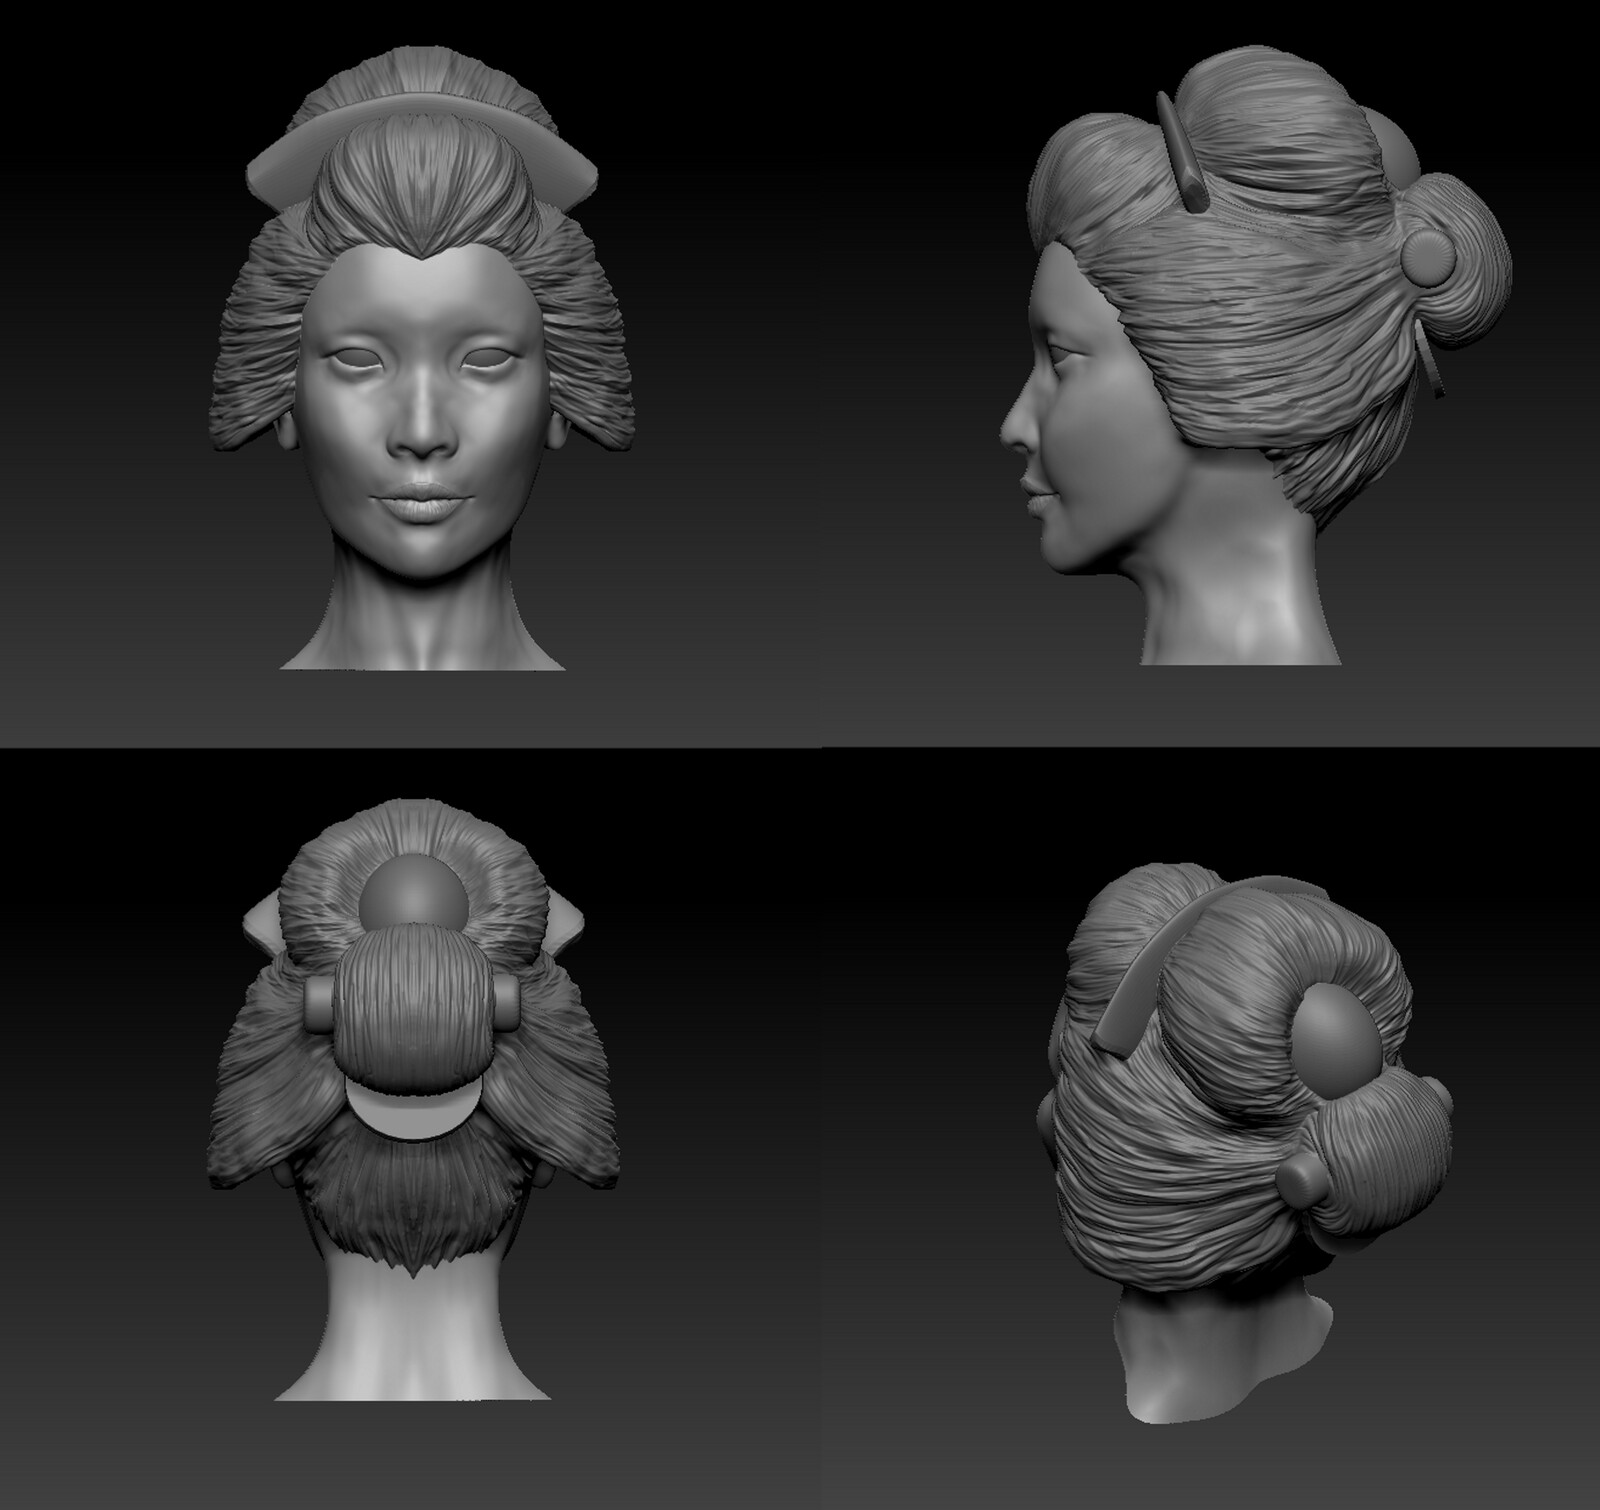 FINAL 3D MODEL OF IZANAMI